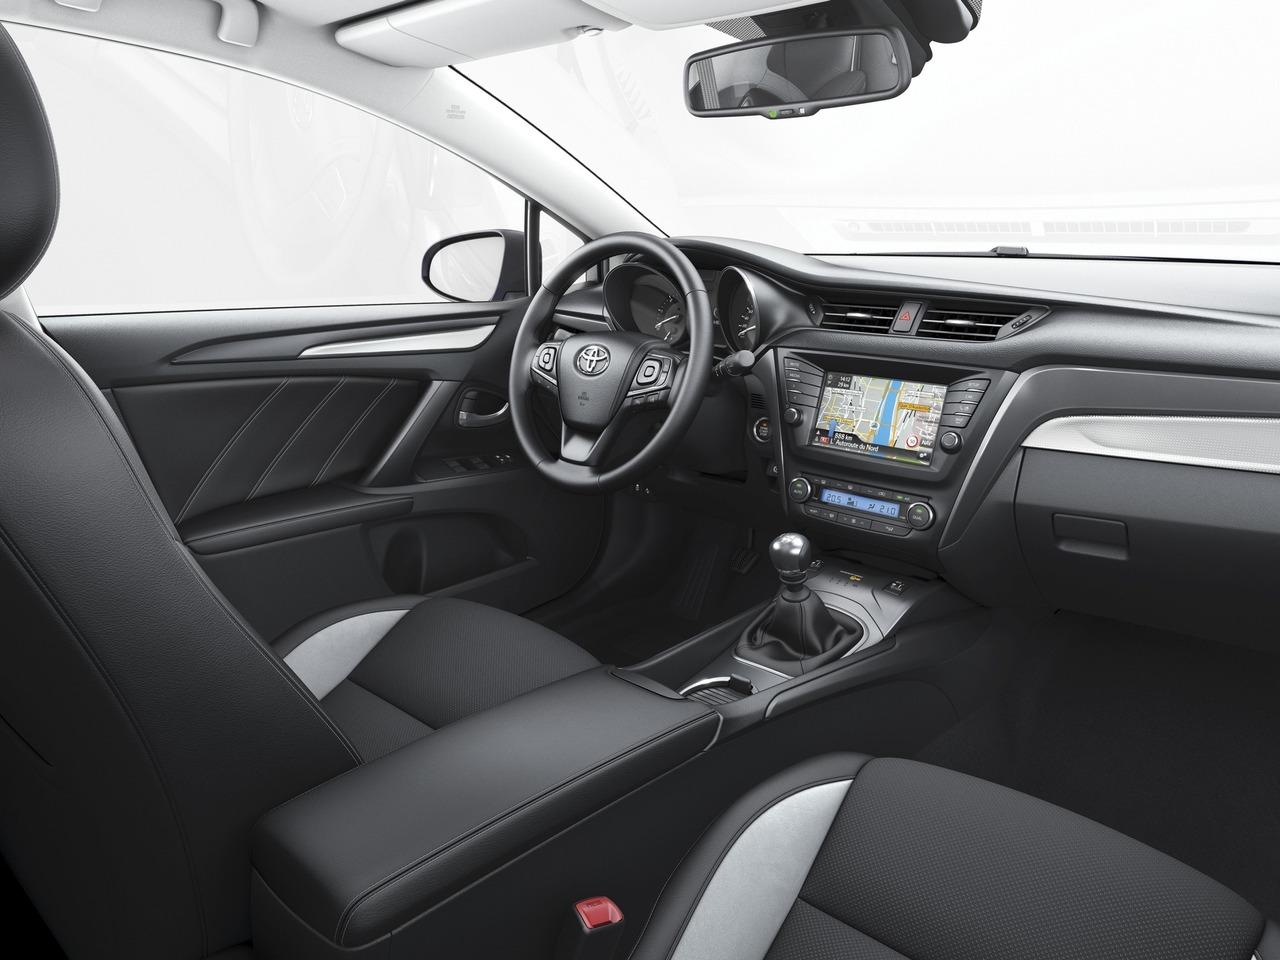 Снимки: Toyota Avensis III Facelift 2015